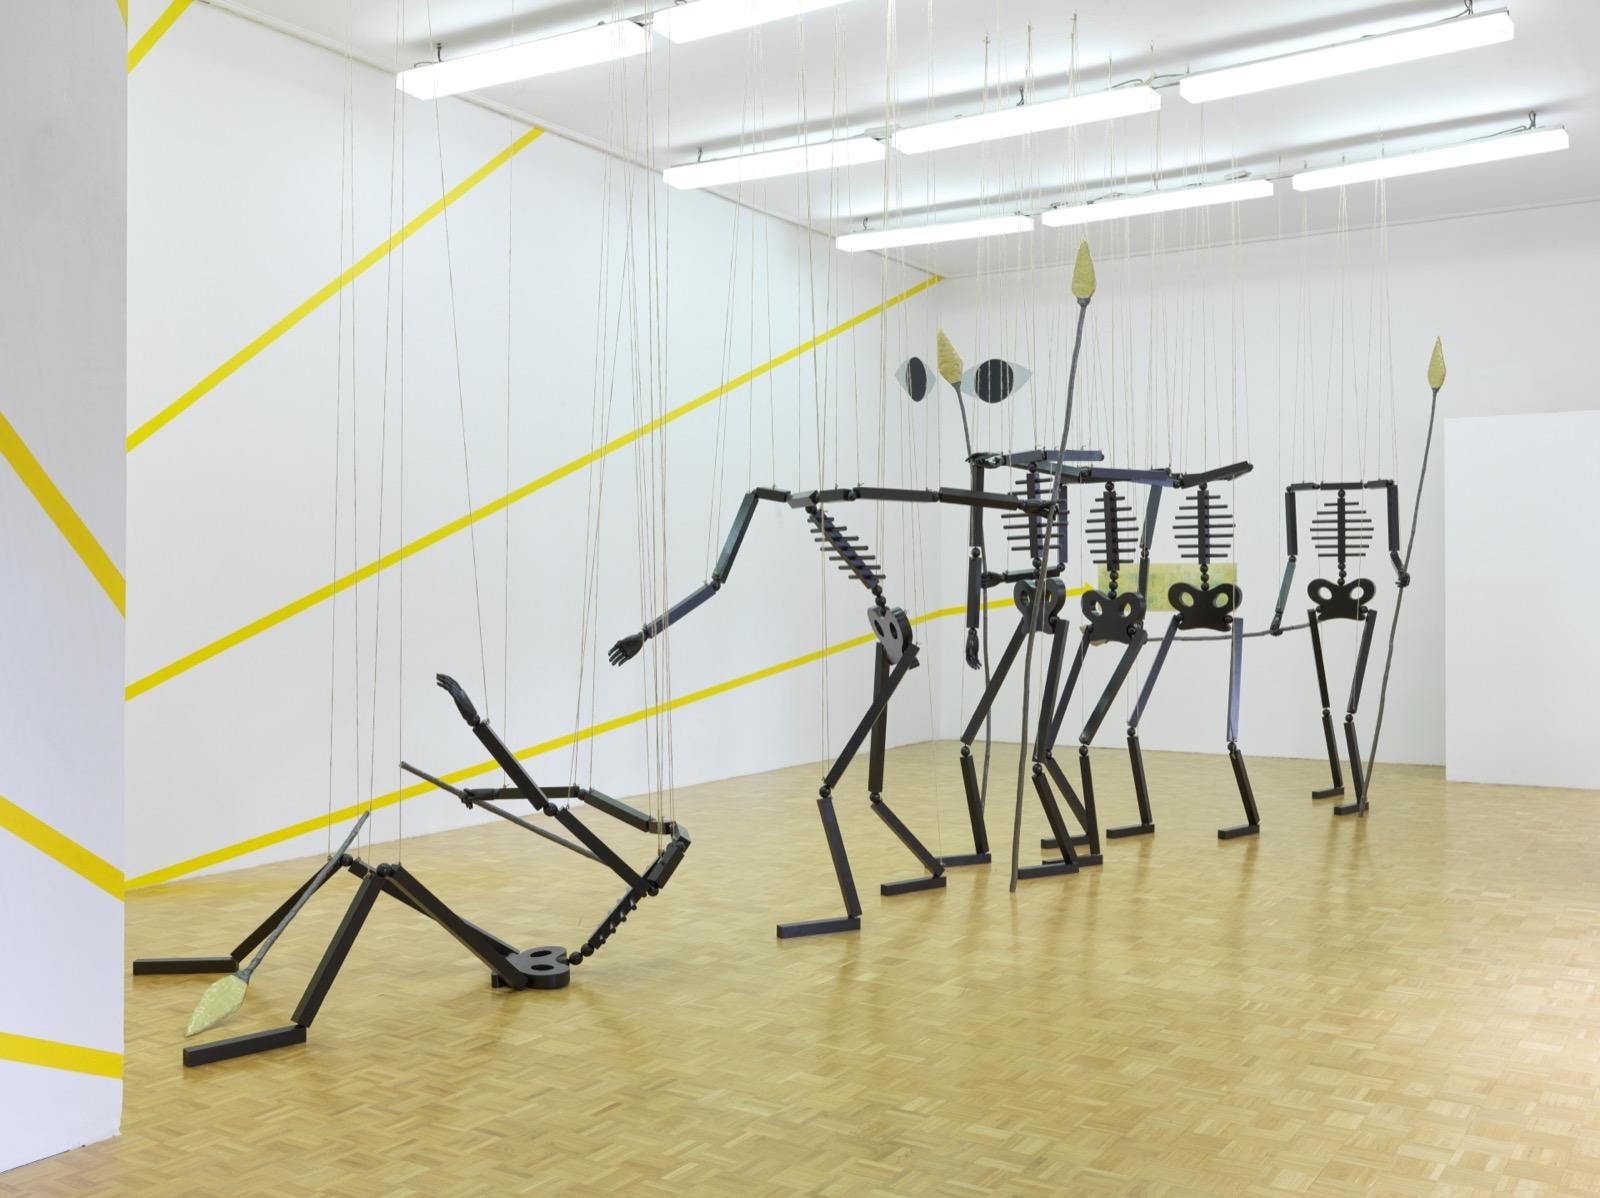 Honza Zamojski, Zbiranje in srečevanje (2019), 33. grafični bienale Ljubljana, Vice v lisice, 2019, postavitev razstave v Projektnem prostoru DUM.